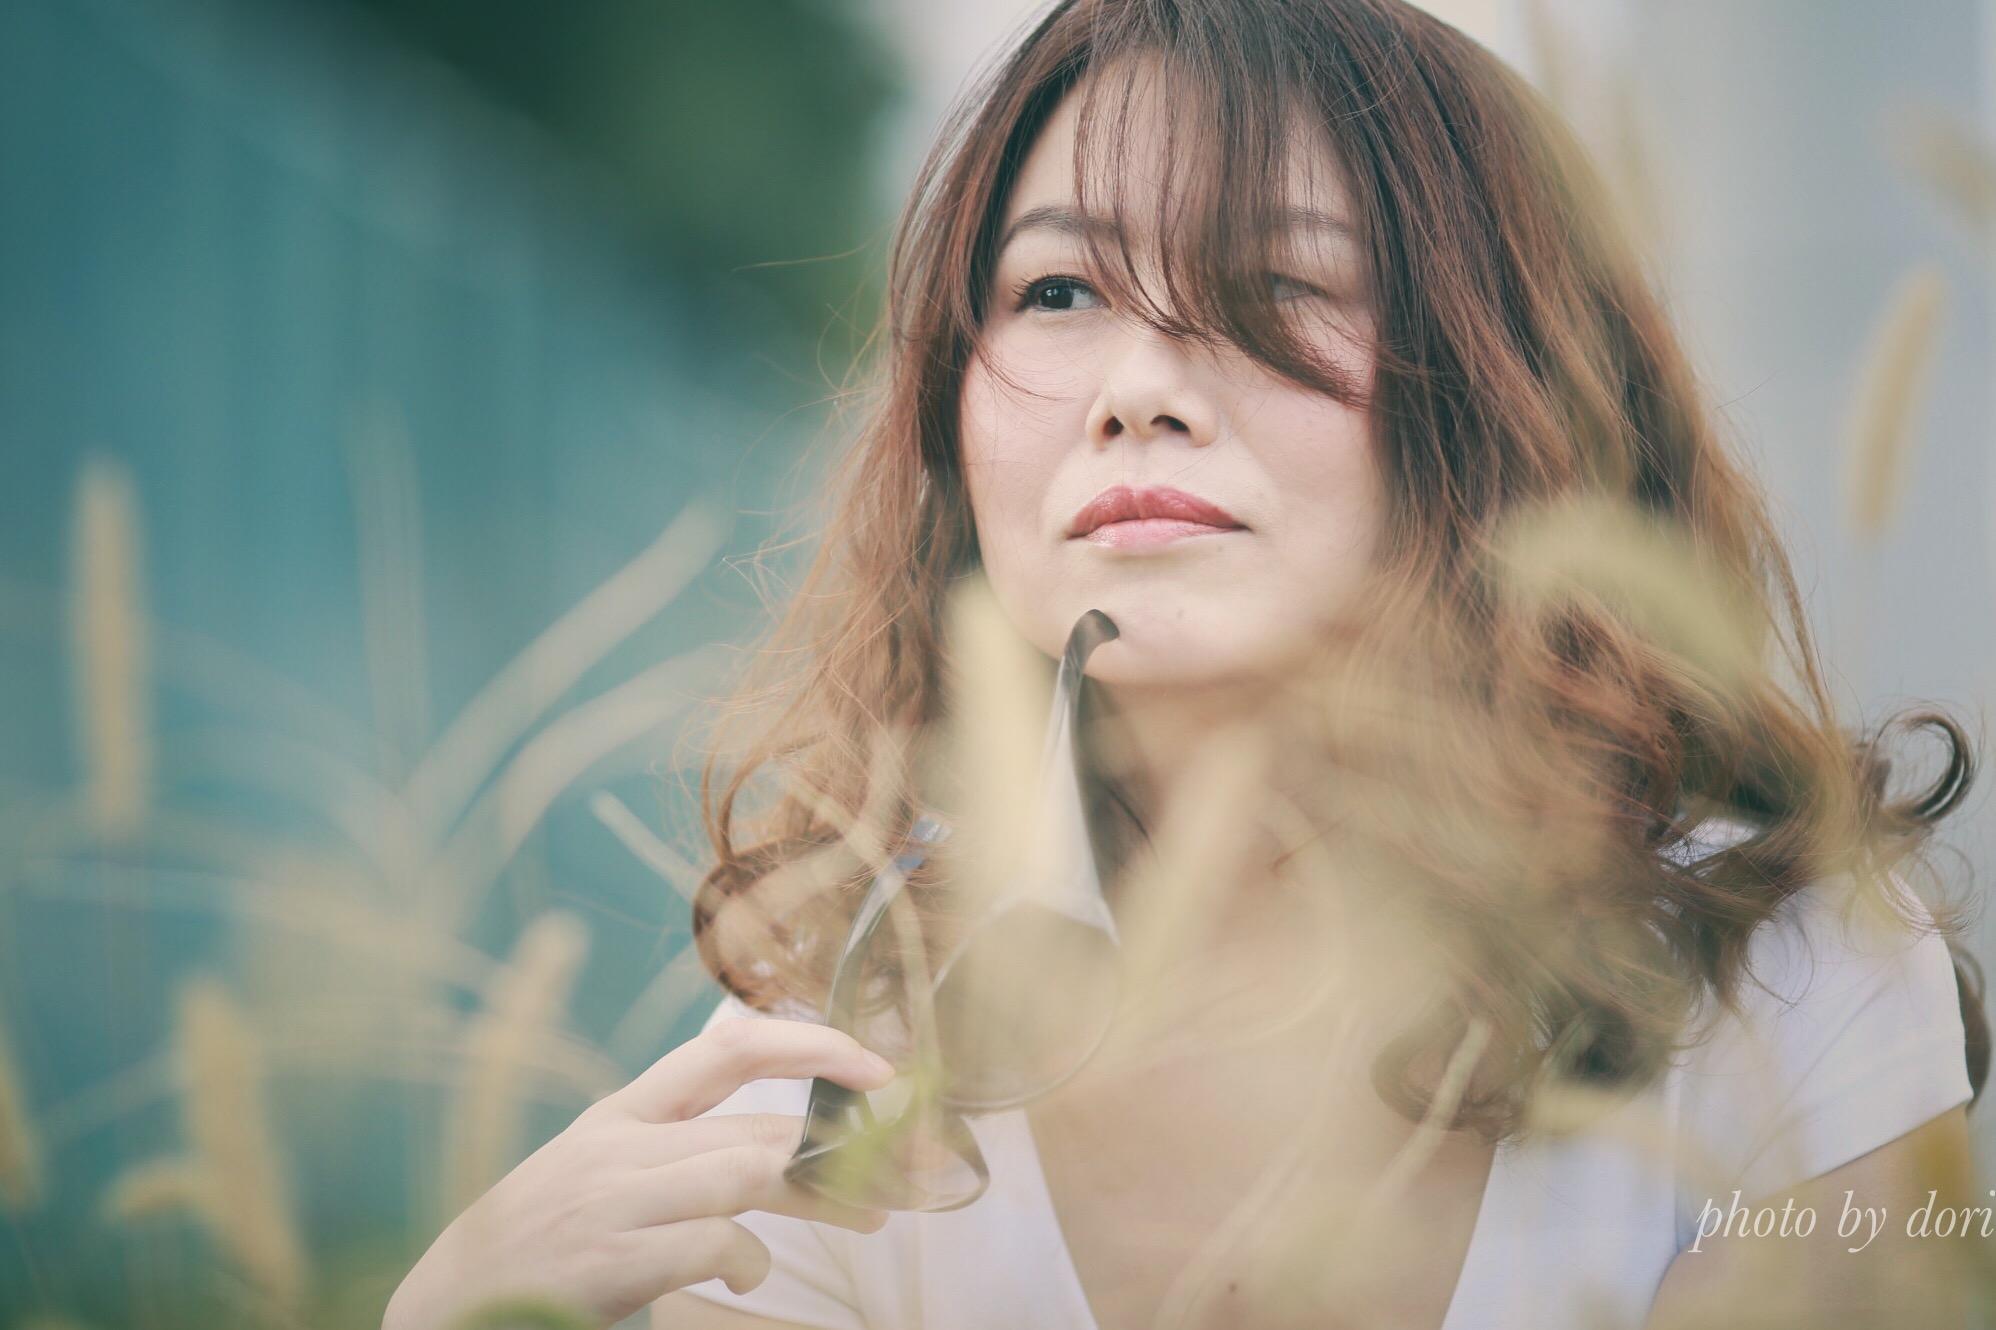 京都 京田辺 パーマが得意で写真が撮れる美容師dori 大人の綺麗の秘密